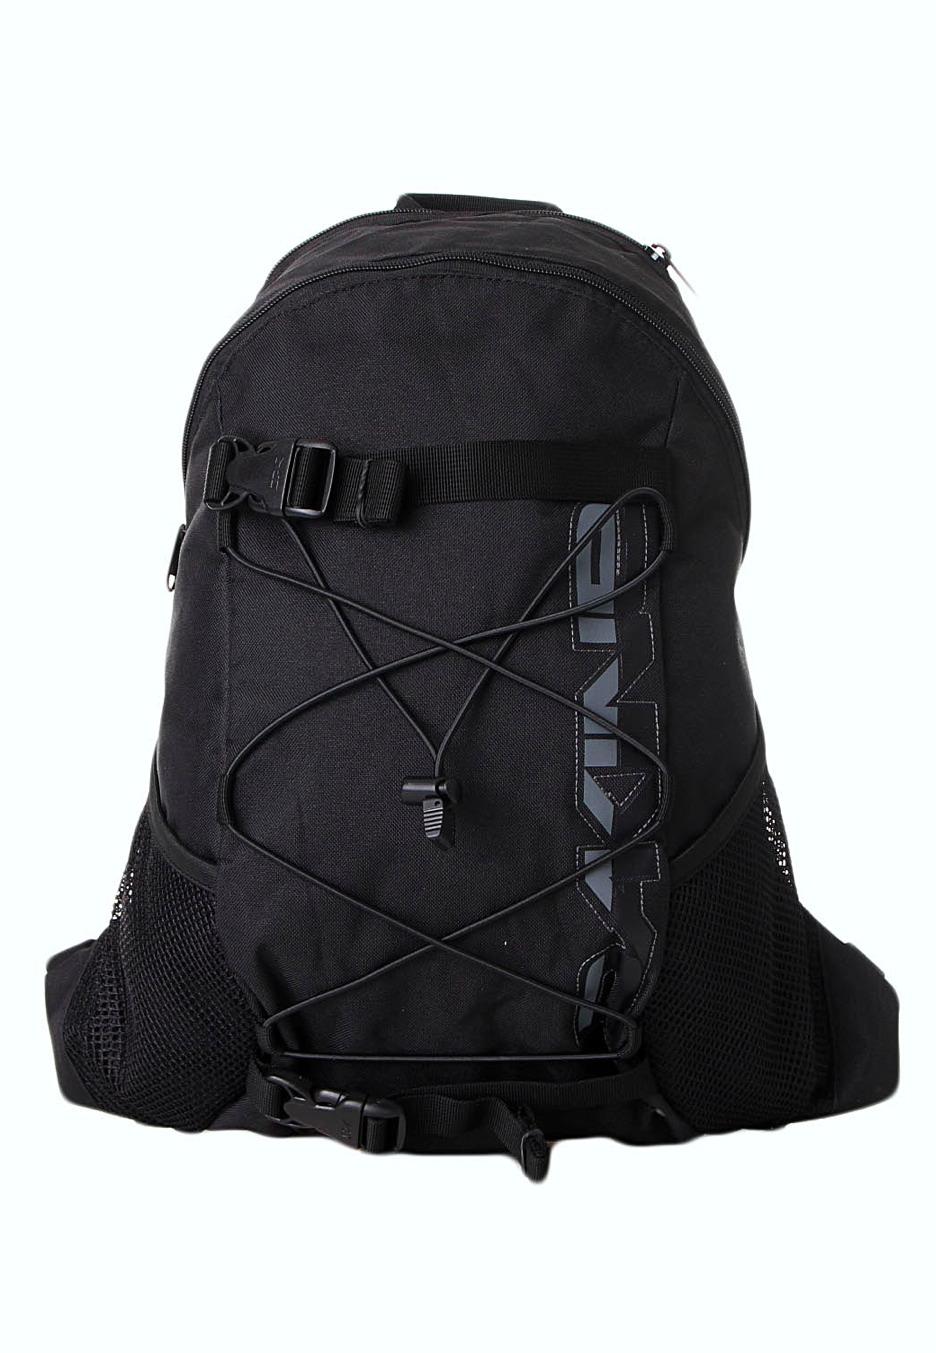 dakine wonder backpack worldwide. Black Bedroom Furniture Sets. Home Design Ideas